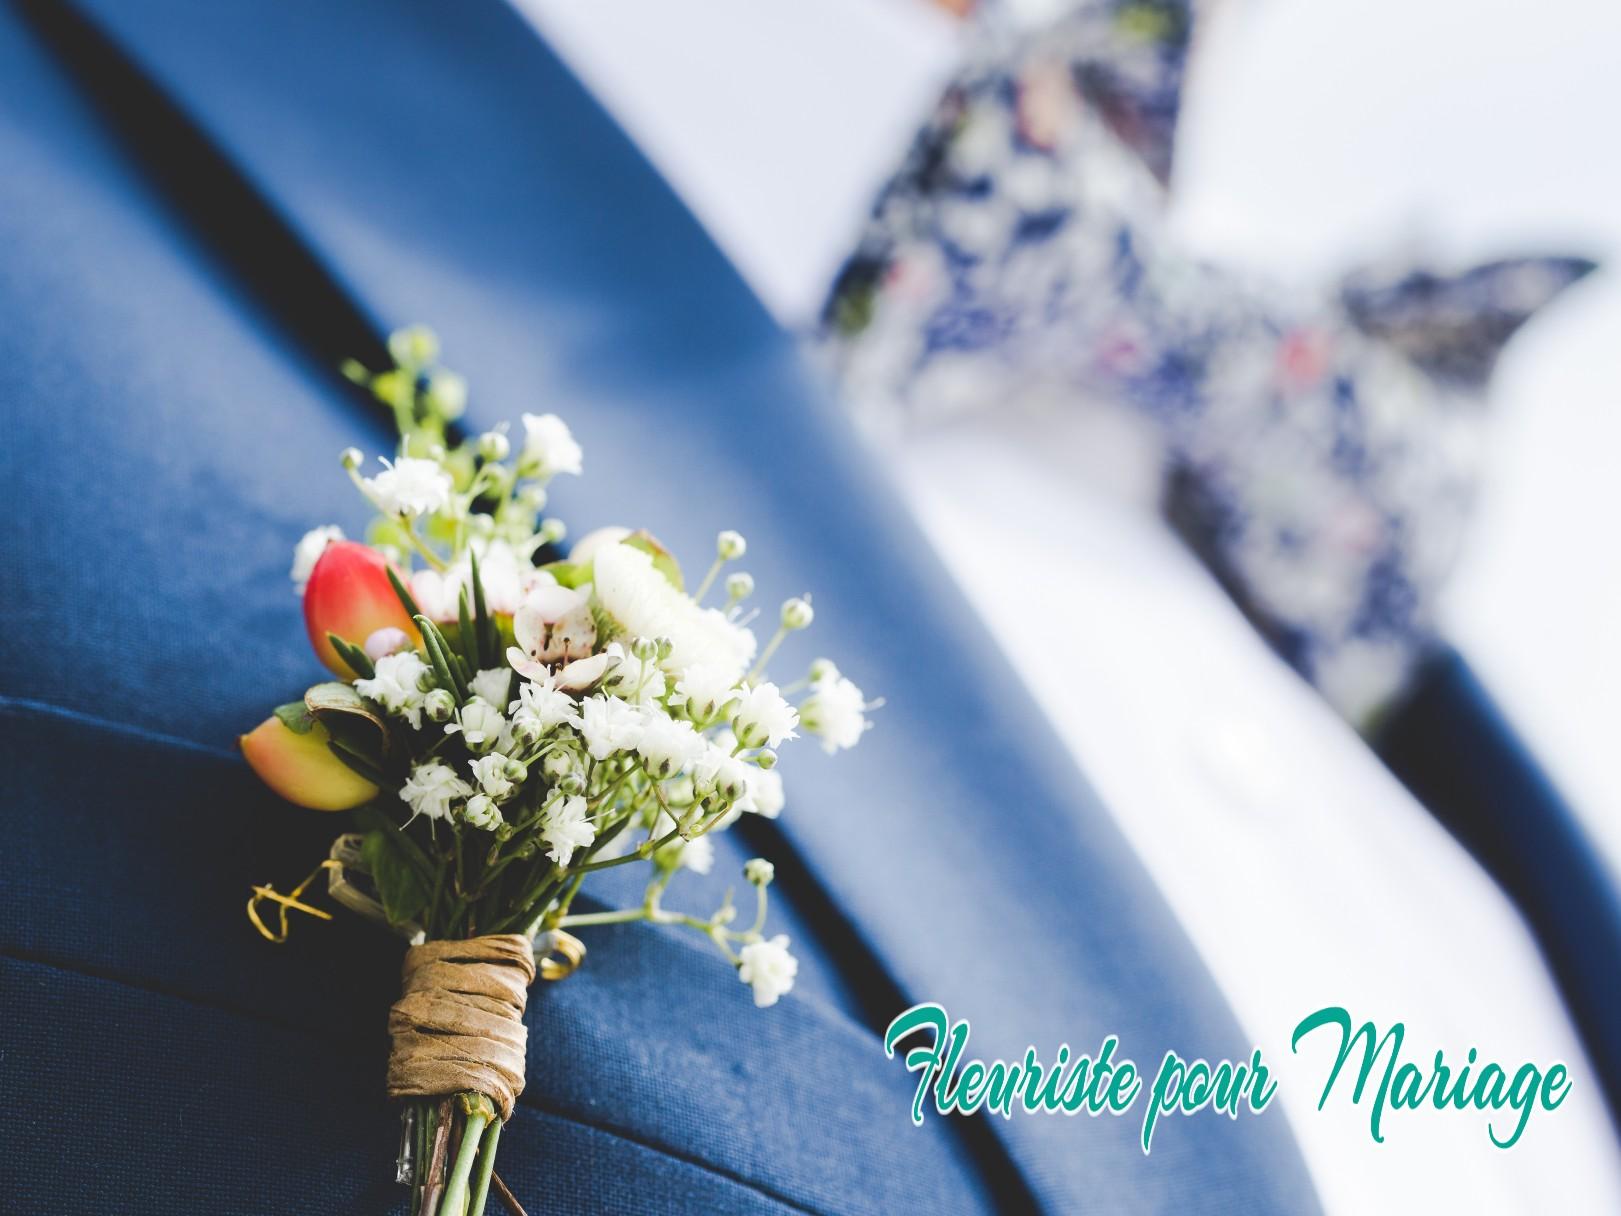 BOUTONNIÈRE DU MARIÉ CHATEAUNEUF DE GRASSE - FLEURISTE MARIAGE CHATEAUNEUF DE GRASSE - FLEURS MARIAGE CHATEAUNEUF DE GRASSE